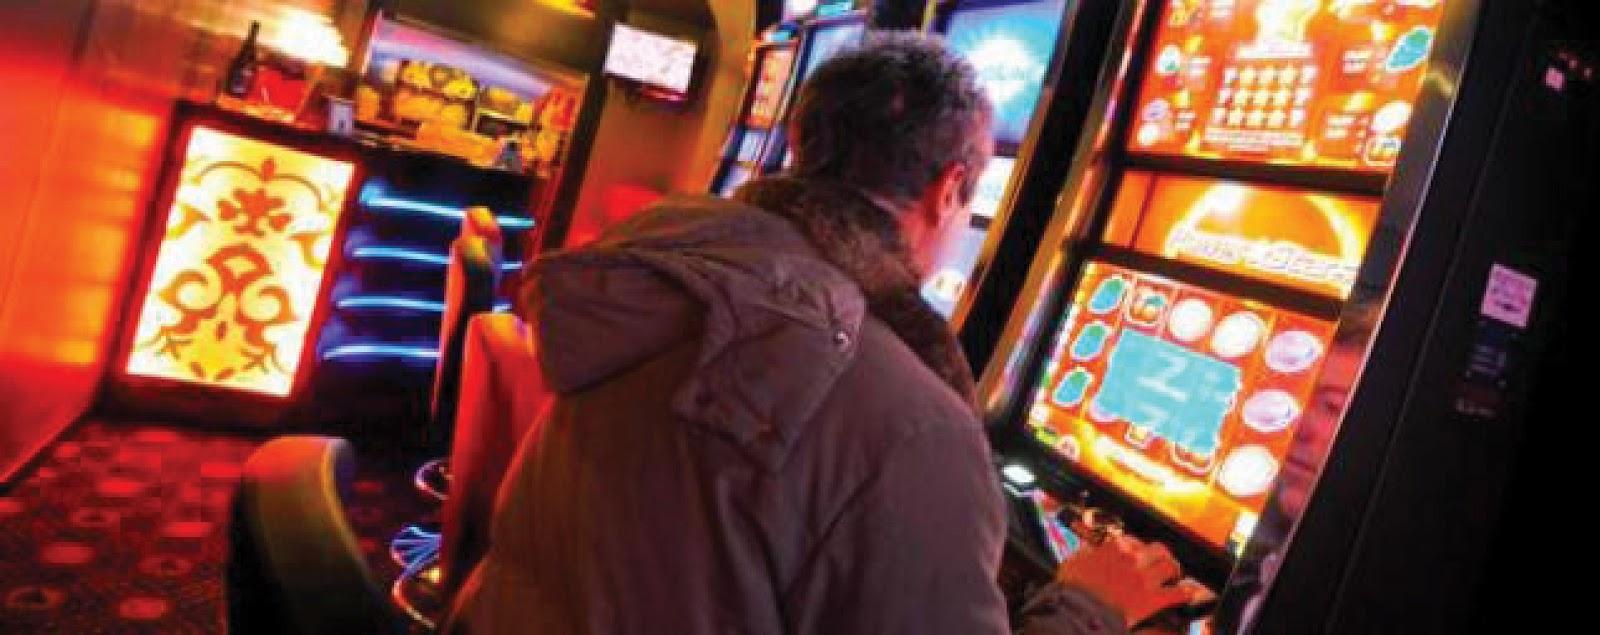 gioco dazzardo roulette